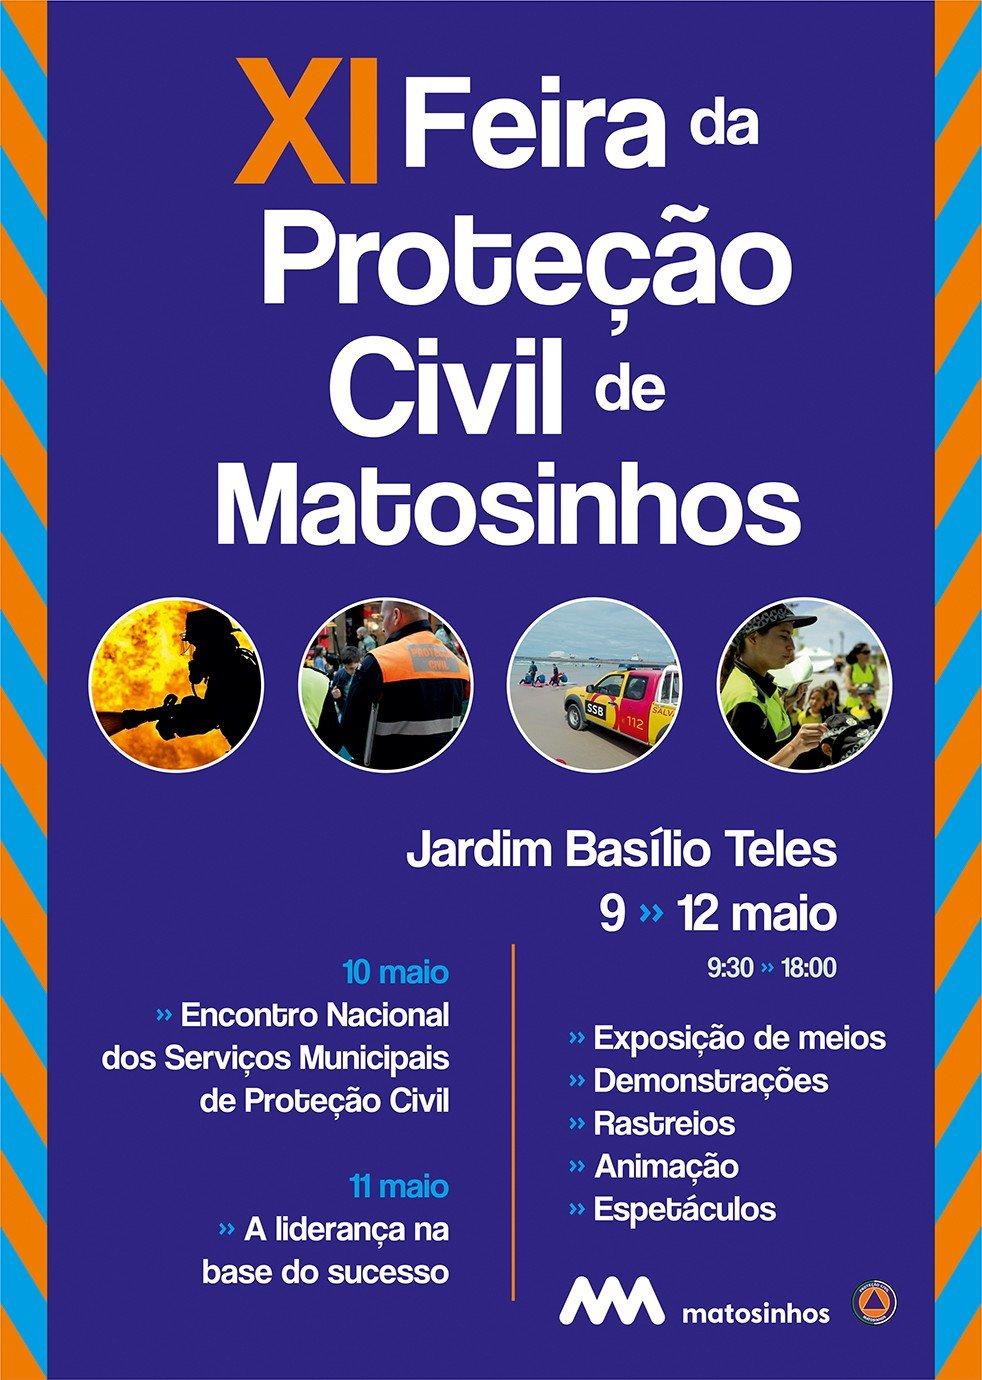 XI Feira da Proteção Civil